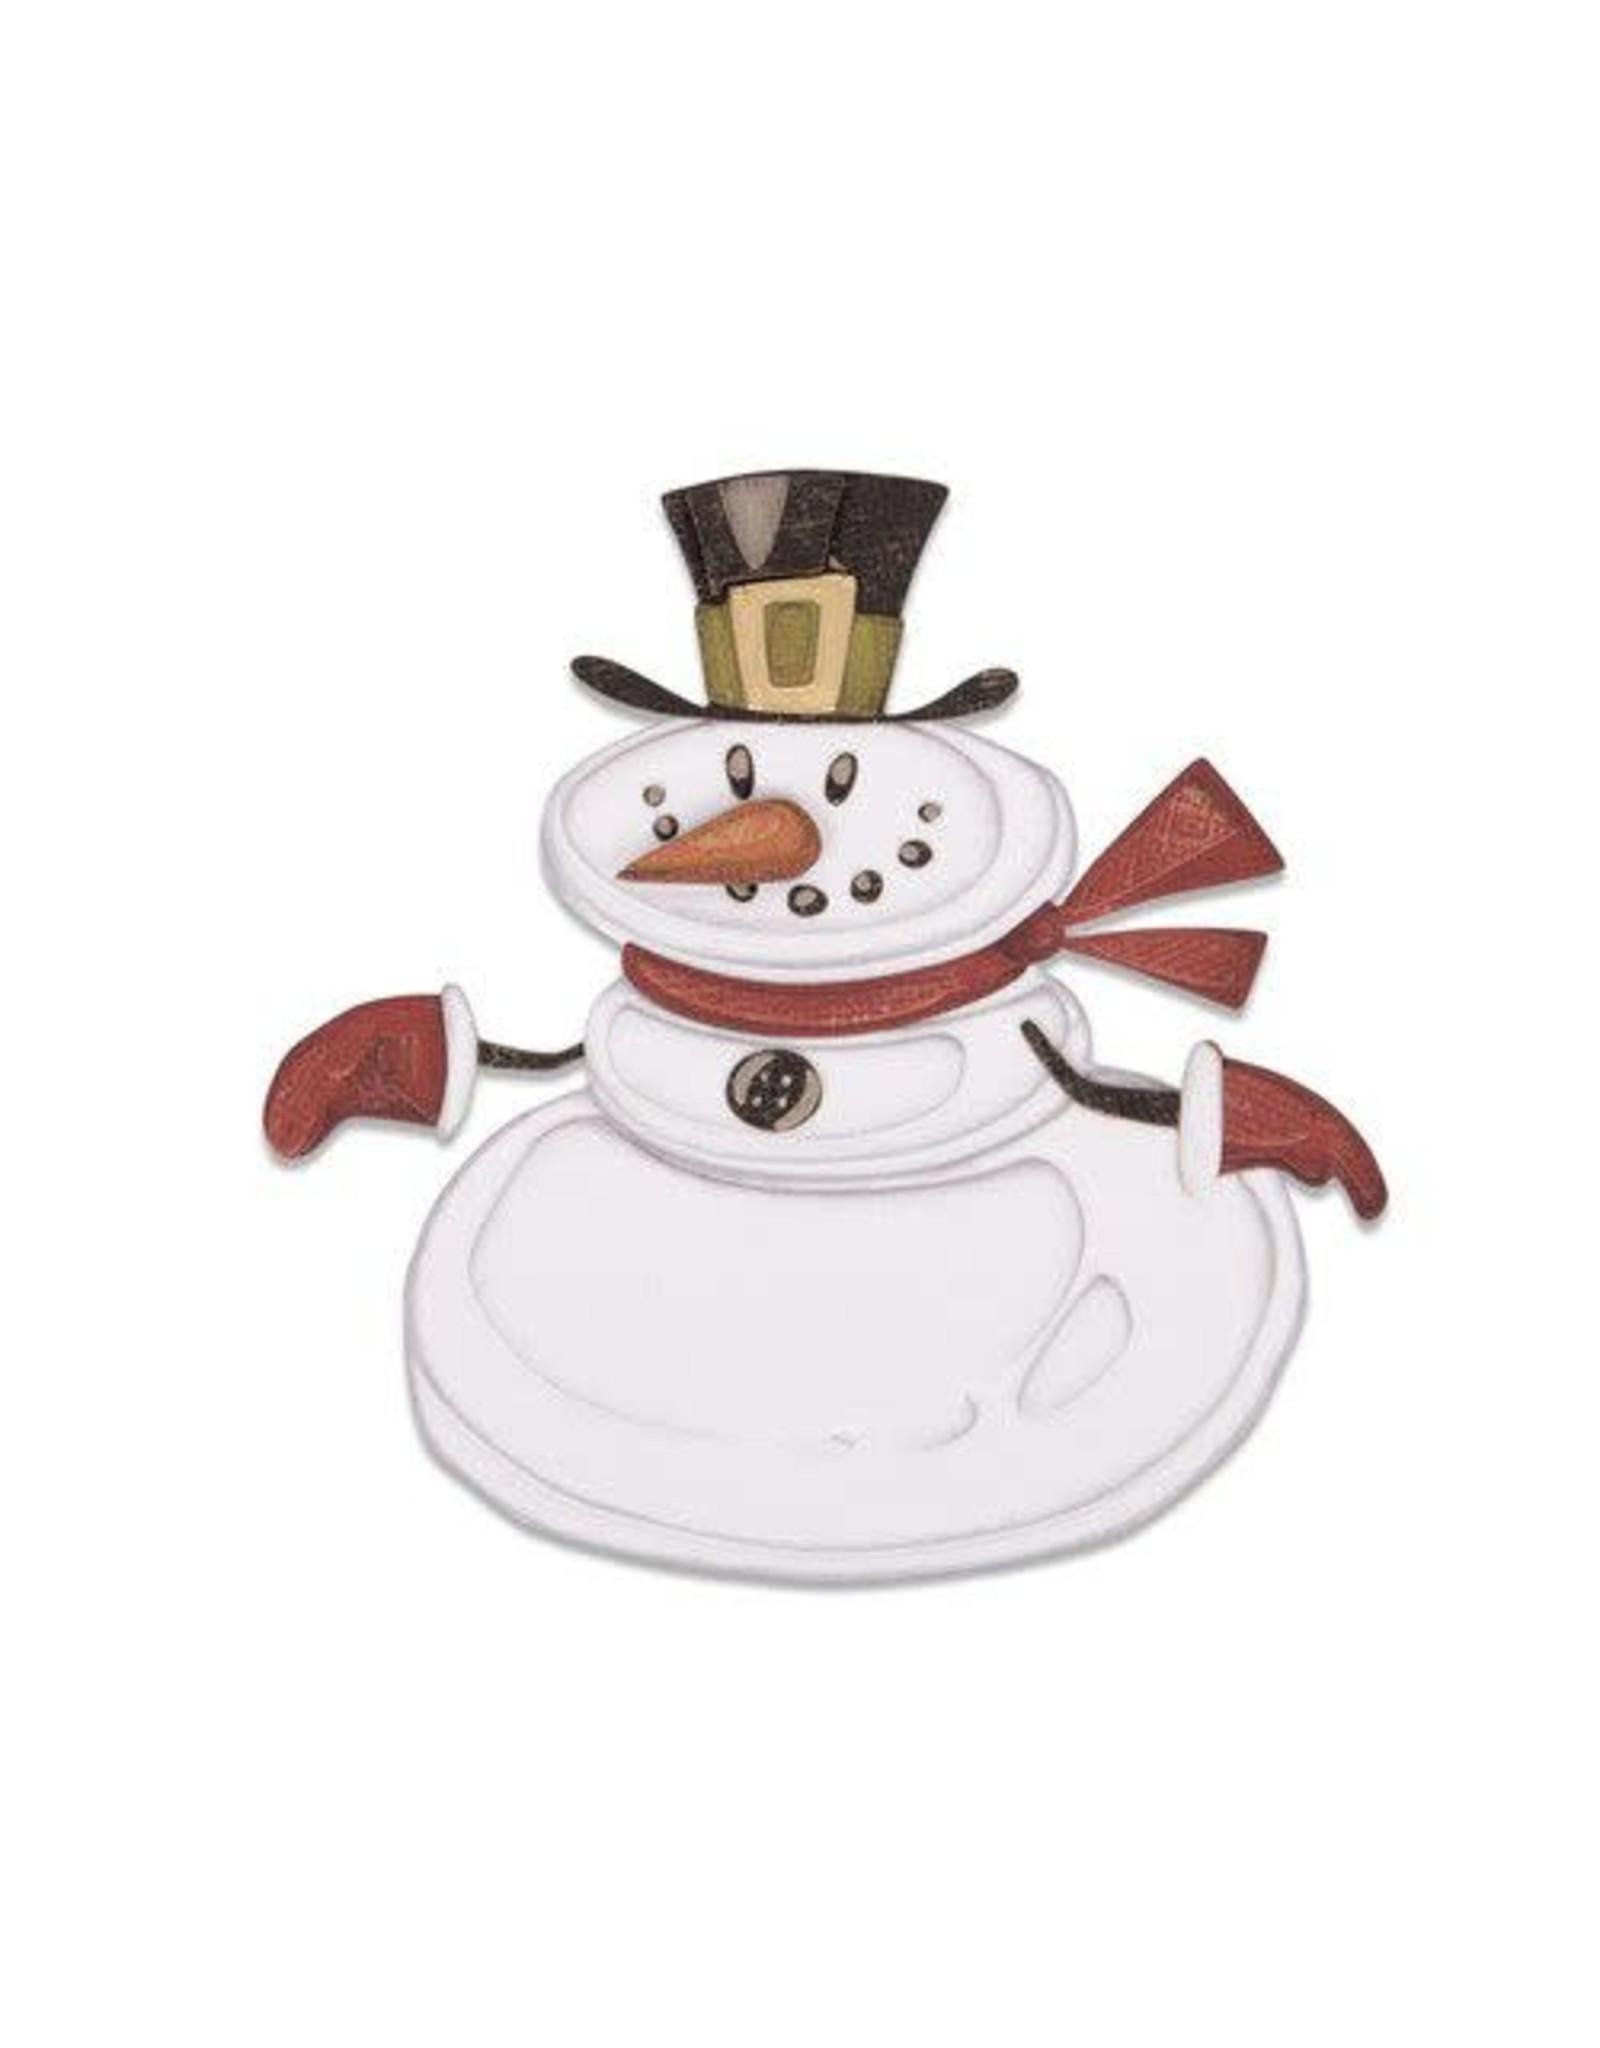 Sizzix Sizzix Thinlits Die set - 11PK Mr. Snowman Colorize 664230 Tim Holtz